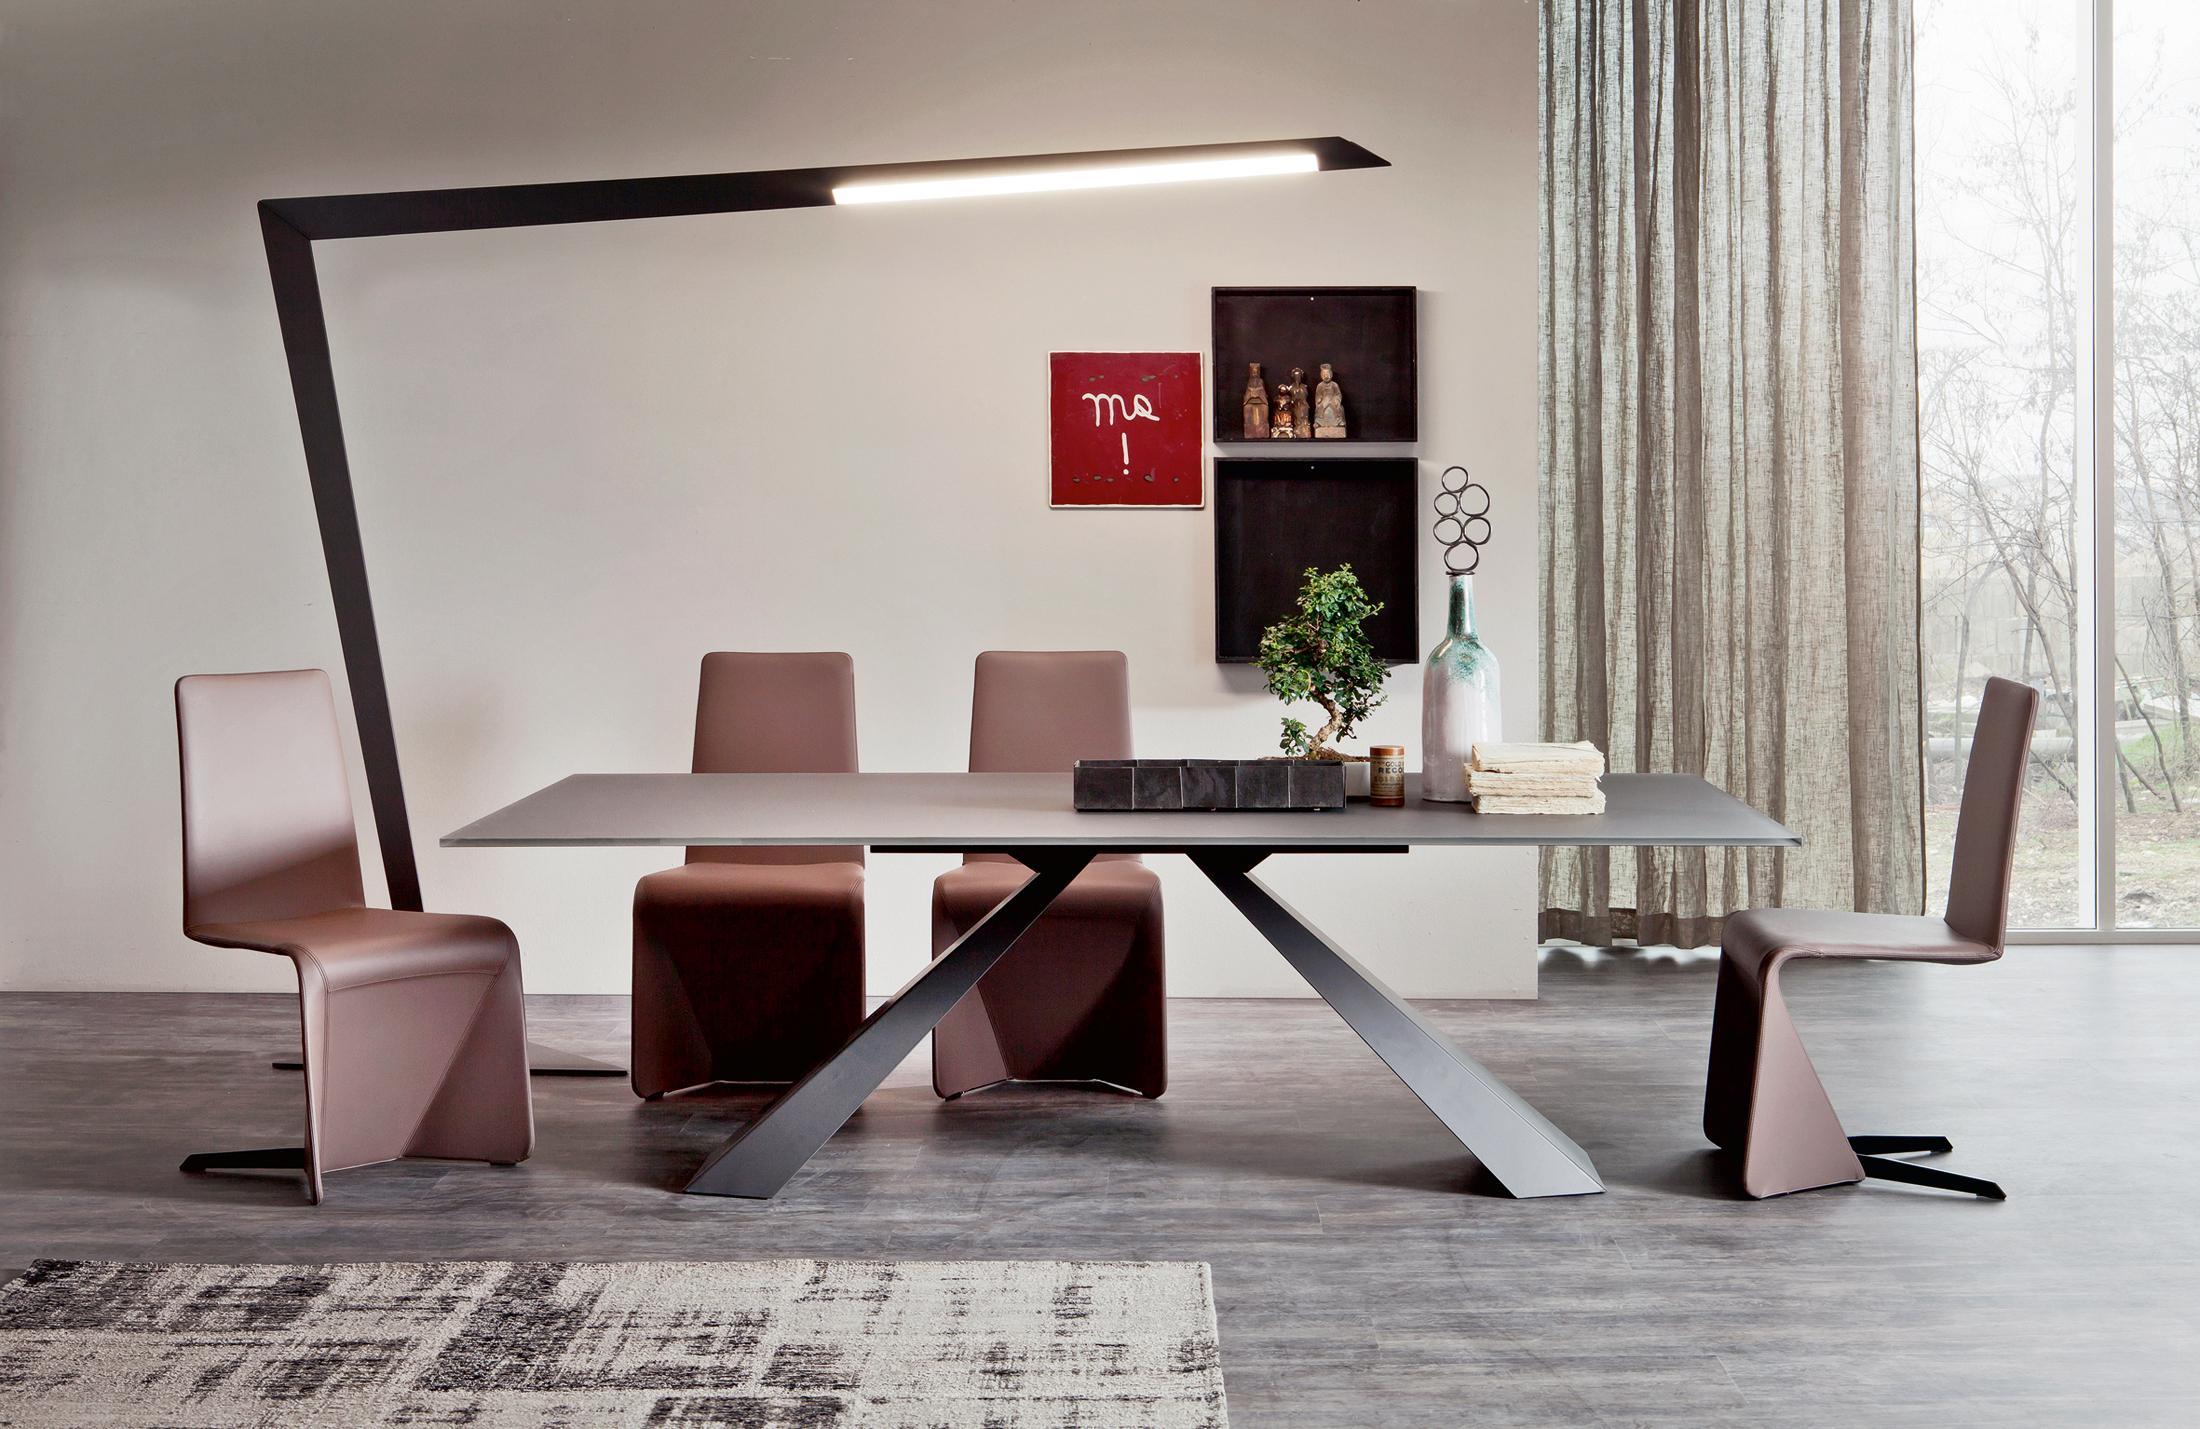 Exceptional Modernes Esszimmer Mit Designer Möbeln #stuhl #esstisch #stehlampe  #moderneresstisch ©Cattelan